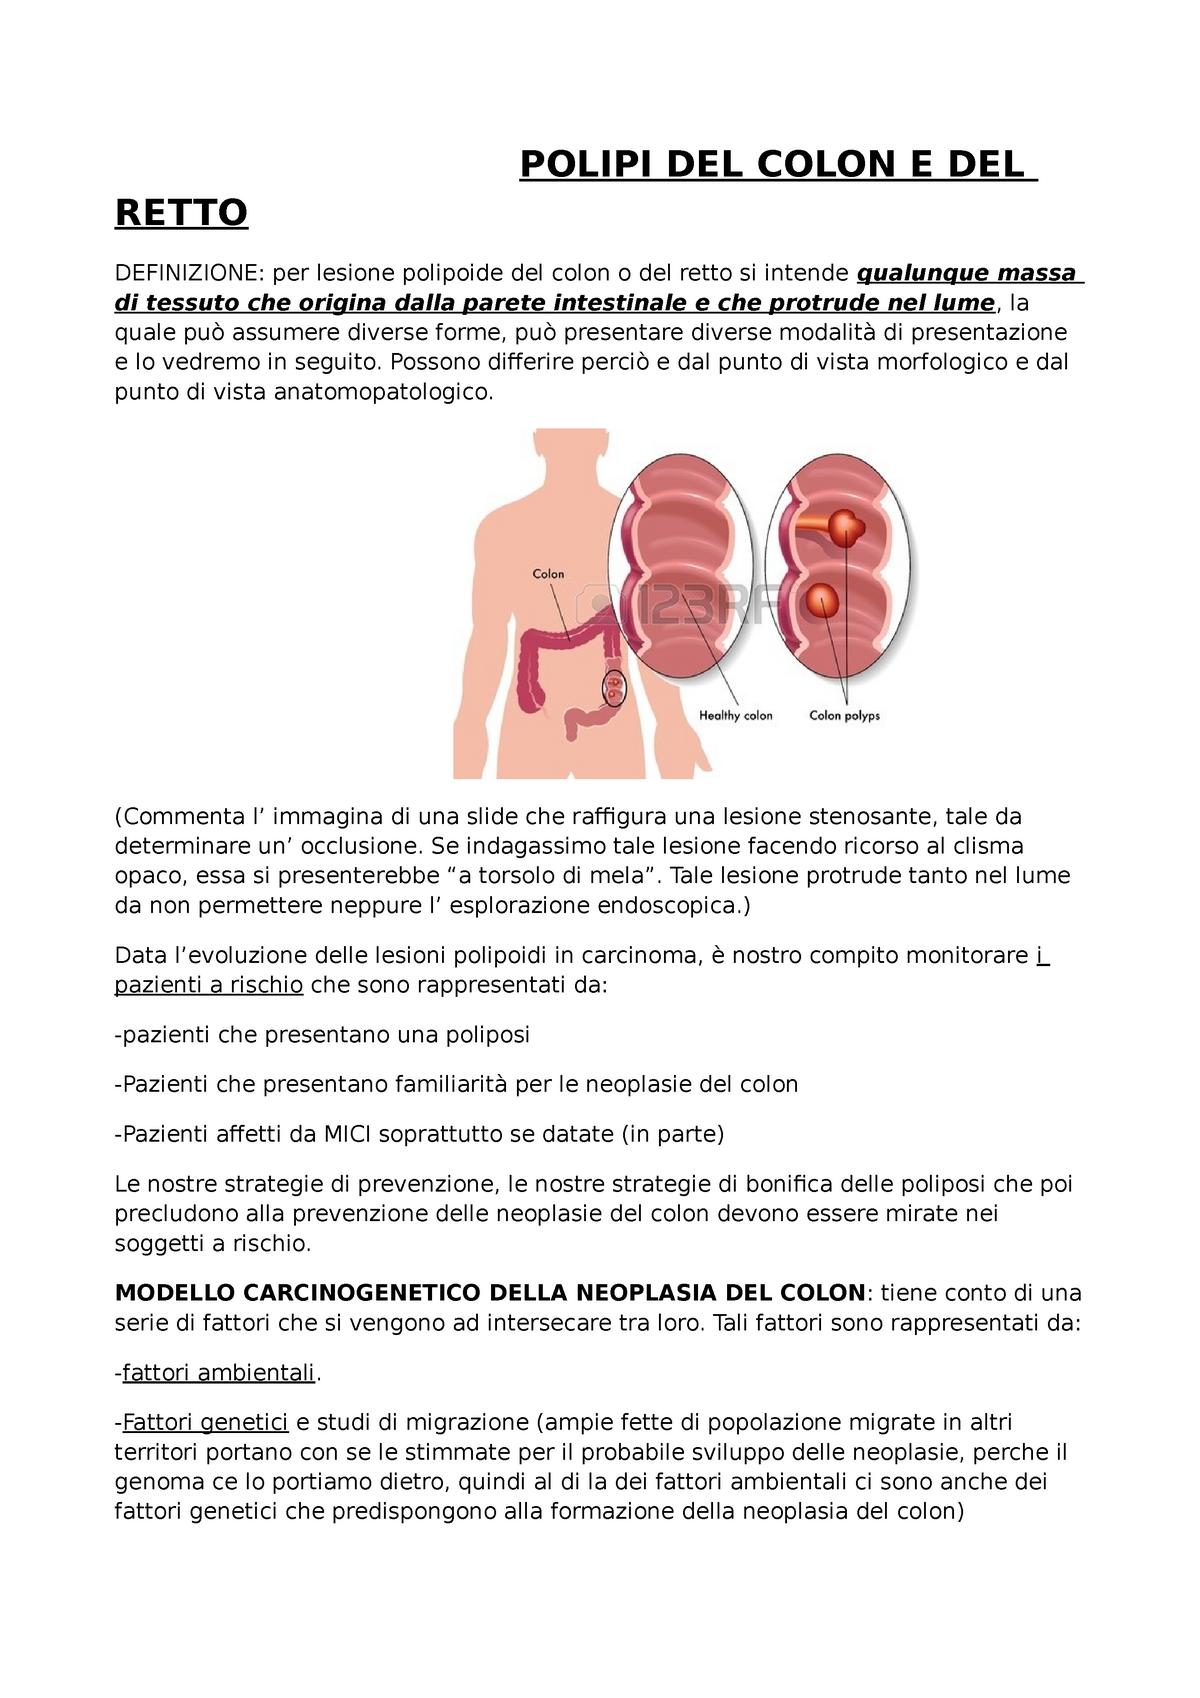 cancer intestinul gros polipi)